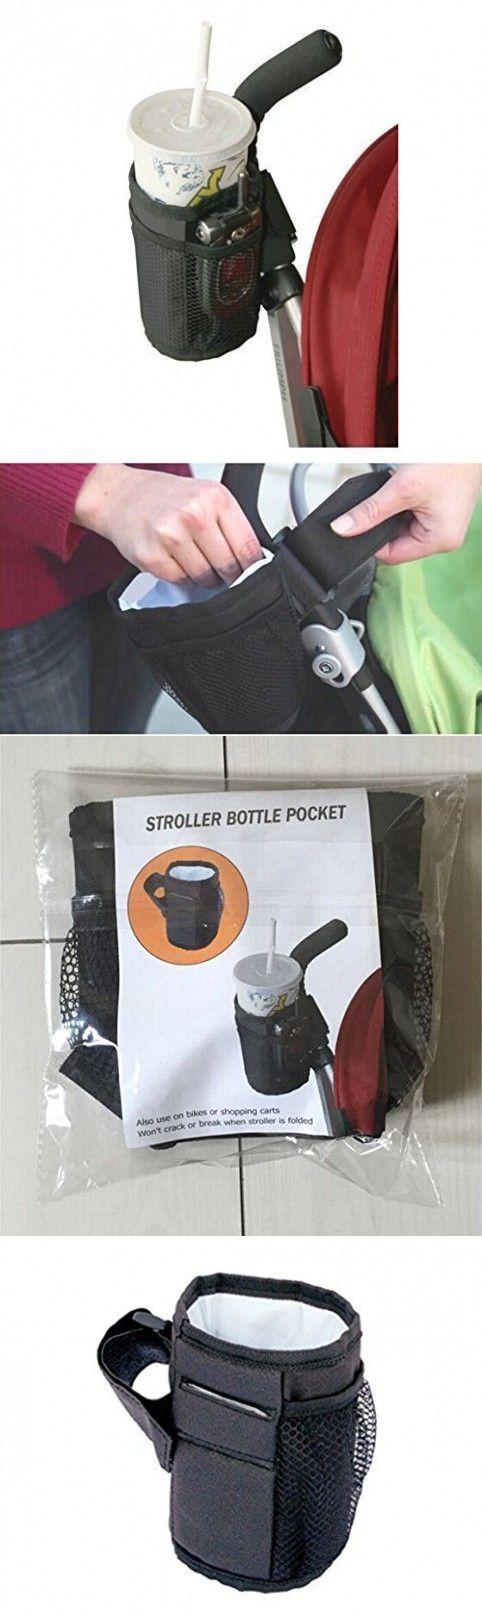 LASLU Waterproof Bottle Cup Holder for Stroller Bottle Thermal Bag Baby Buggy Cup Holder Soft Buggy Cup for Stroller, Wheelchair, Rollator, Walker